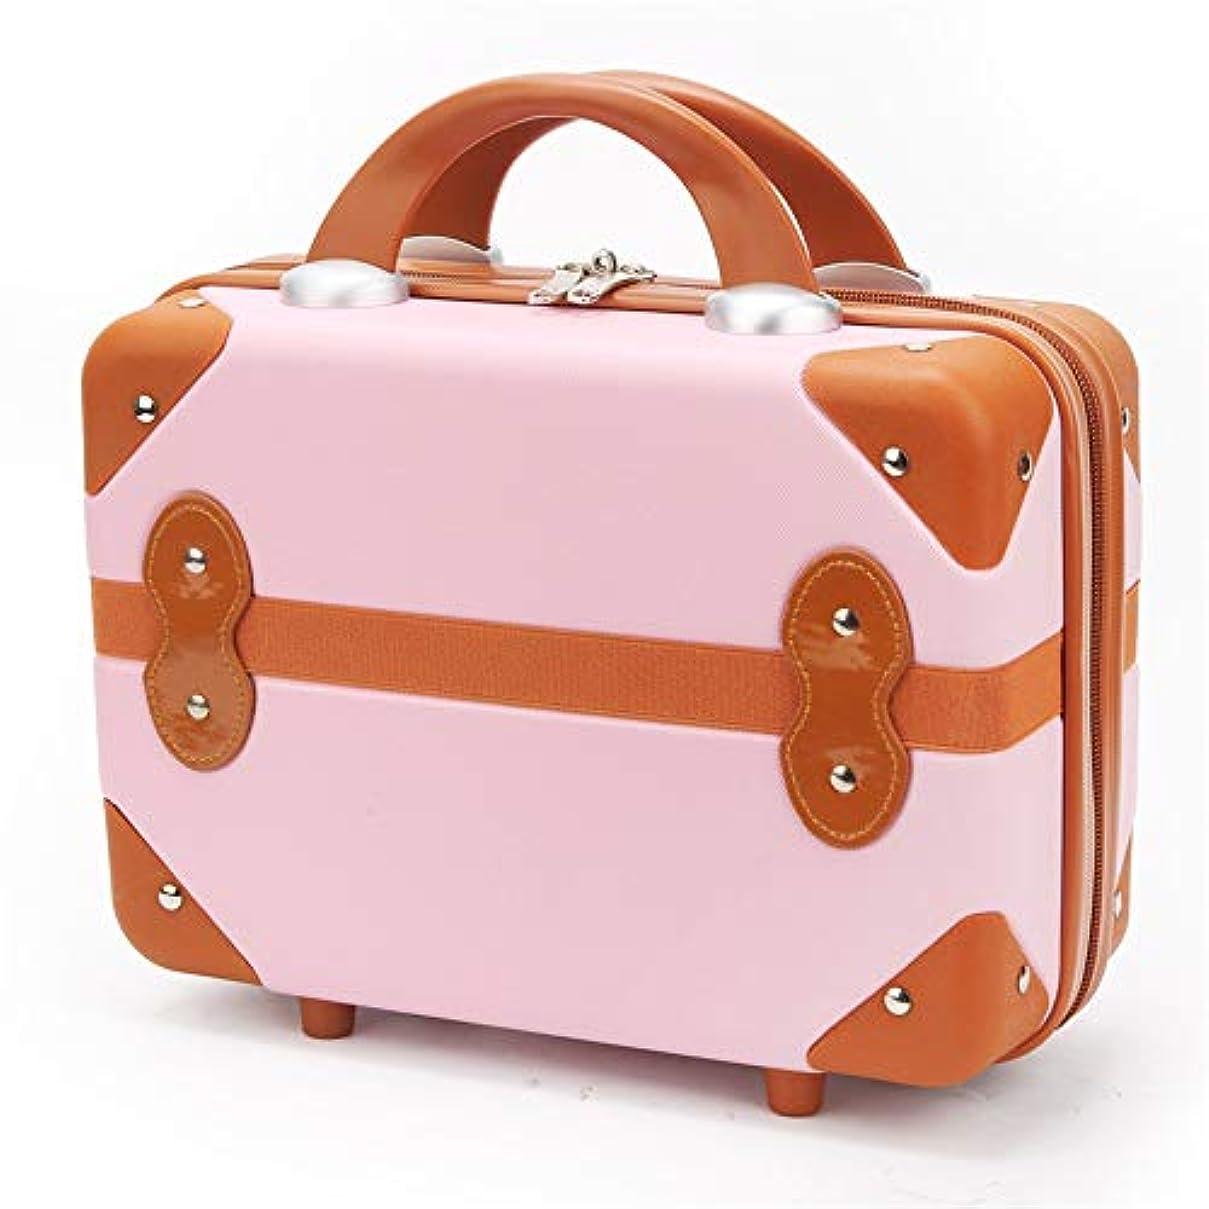 レクリエーションシェードインド化粧オーガナイザーバッグ 14インチのメイクアップトラベルバッグPUレター防水化粧ケースのティーン女の子の女性アーティスト 化粧品ケース